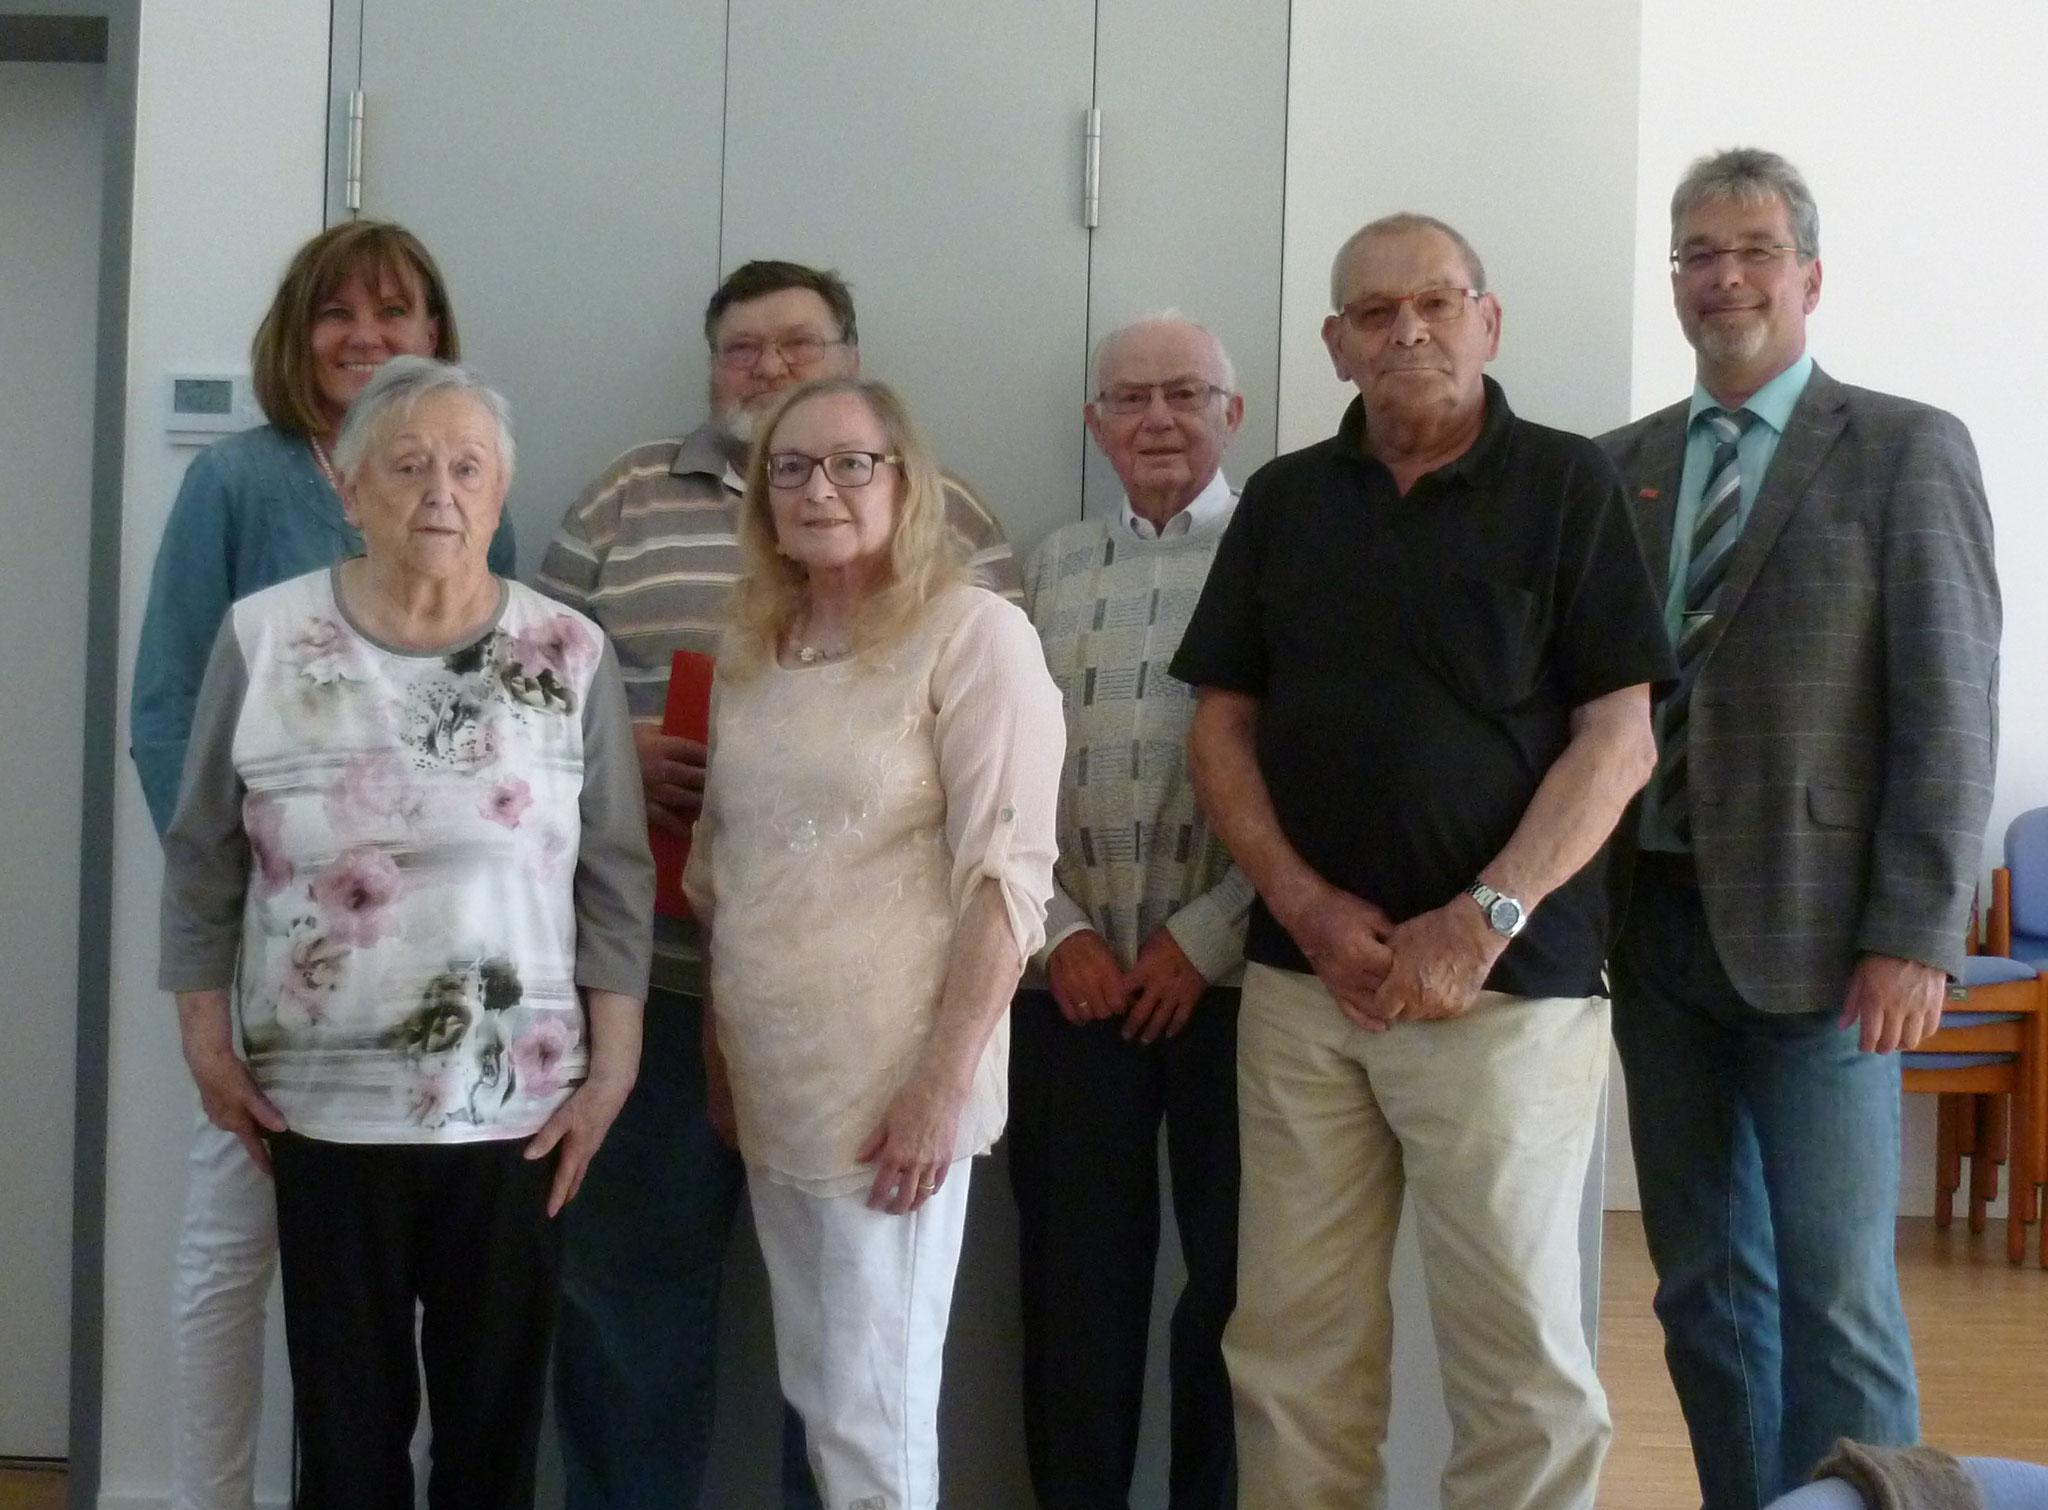 auf dem Foto von links nach rechts: MdB Esther Dilcher, Wilma Thomayer, Gerhard Niemeier, Gabriele Heide-Martin, Albert Rapp, Gisbert Bremer und Ortsvereinsvorsitzender Michael König.